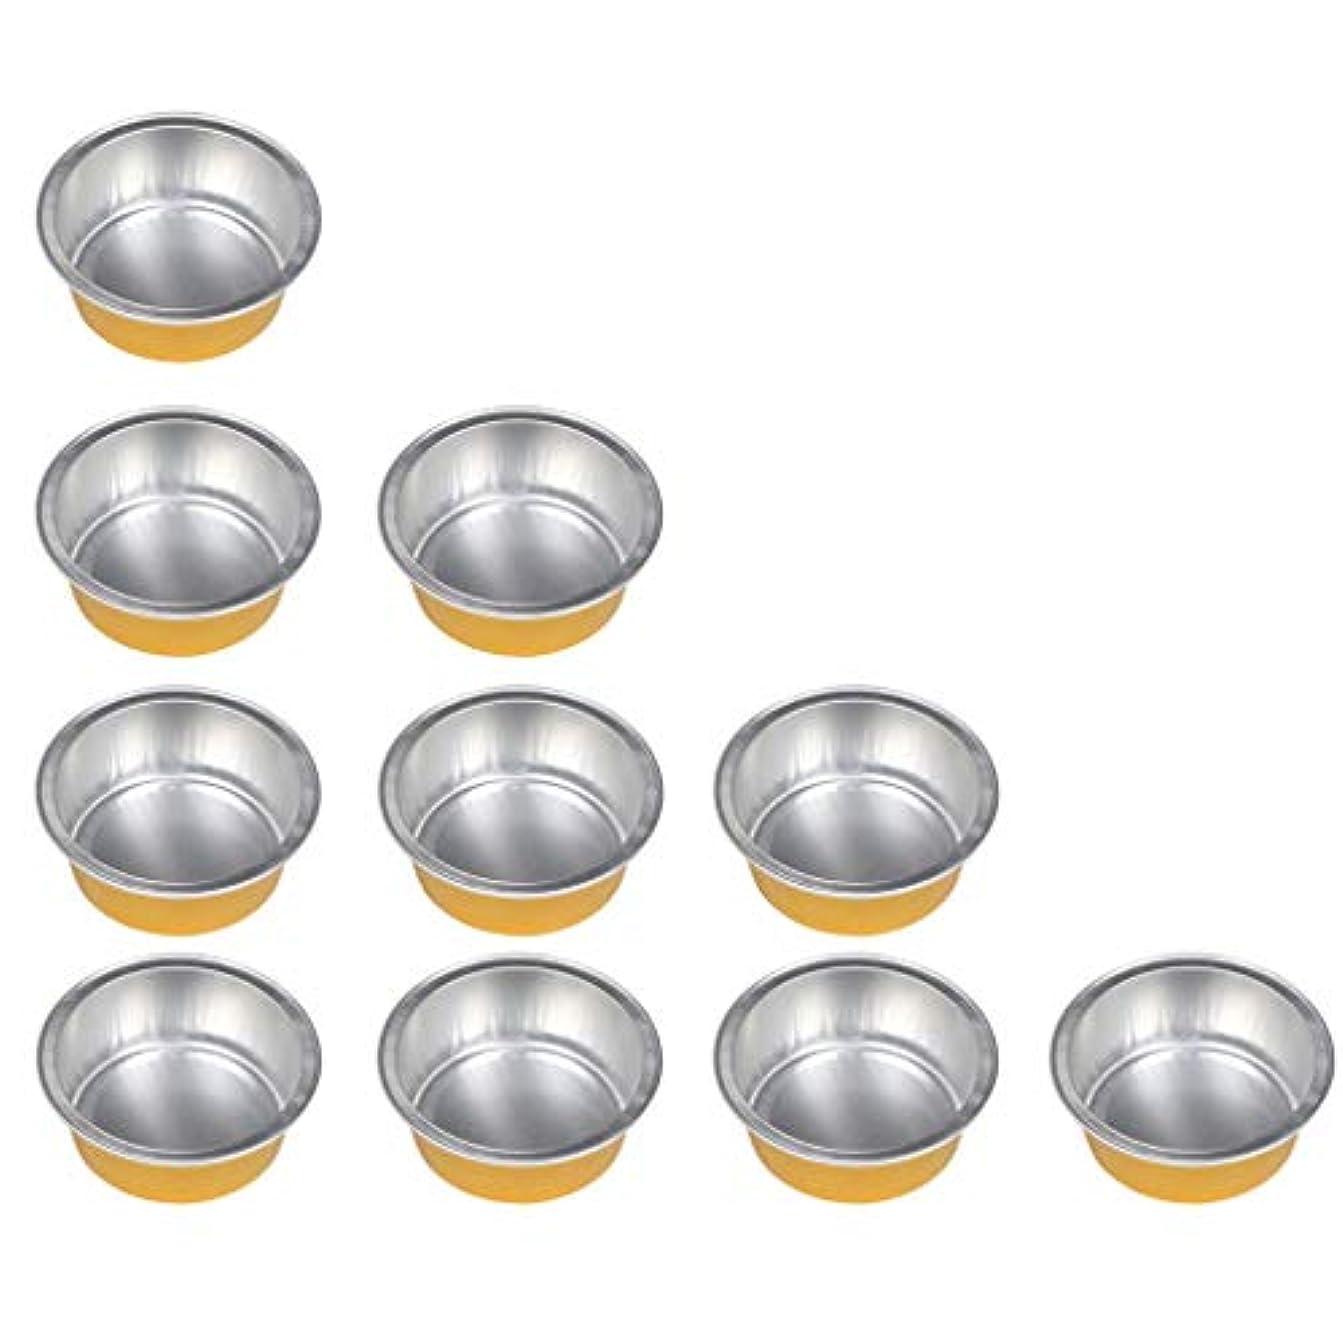 長老中にファシズム10個 ワックスボウル ミニボウル アルミホイルボウル ワックス豆体 溶融 衛生的 2種選ぶ - ゴールデン1, 01